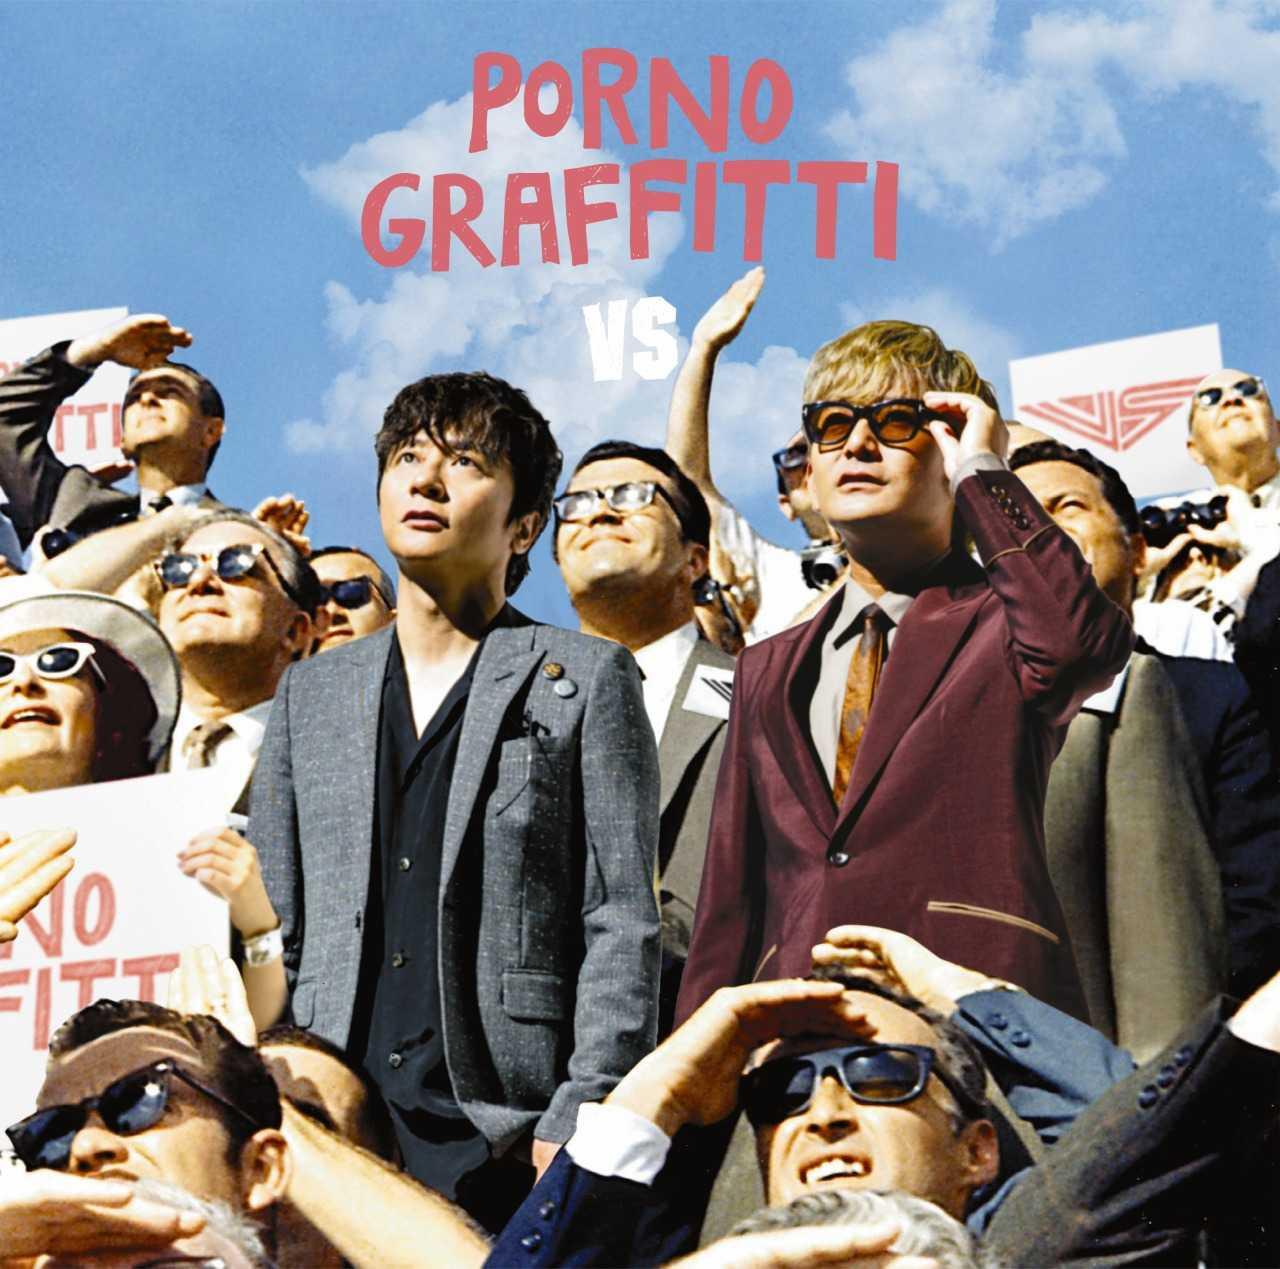 ポルノグラフィティ 50作目となるシングルリリース! タイトルは「VS」